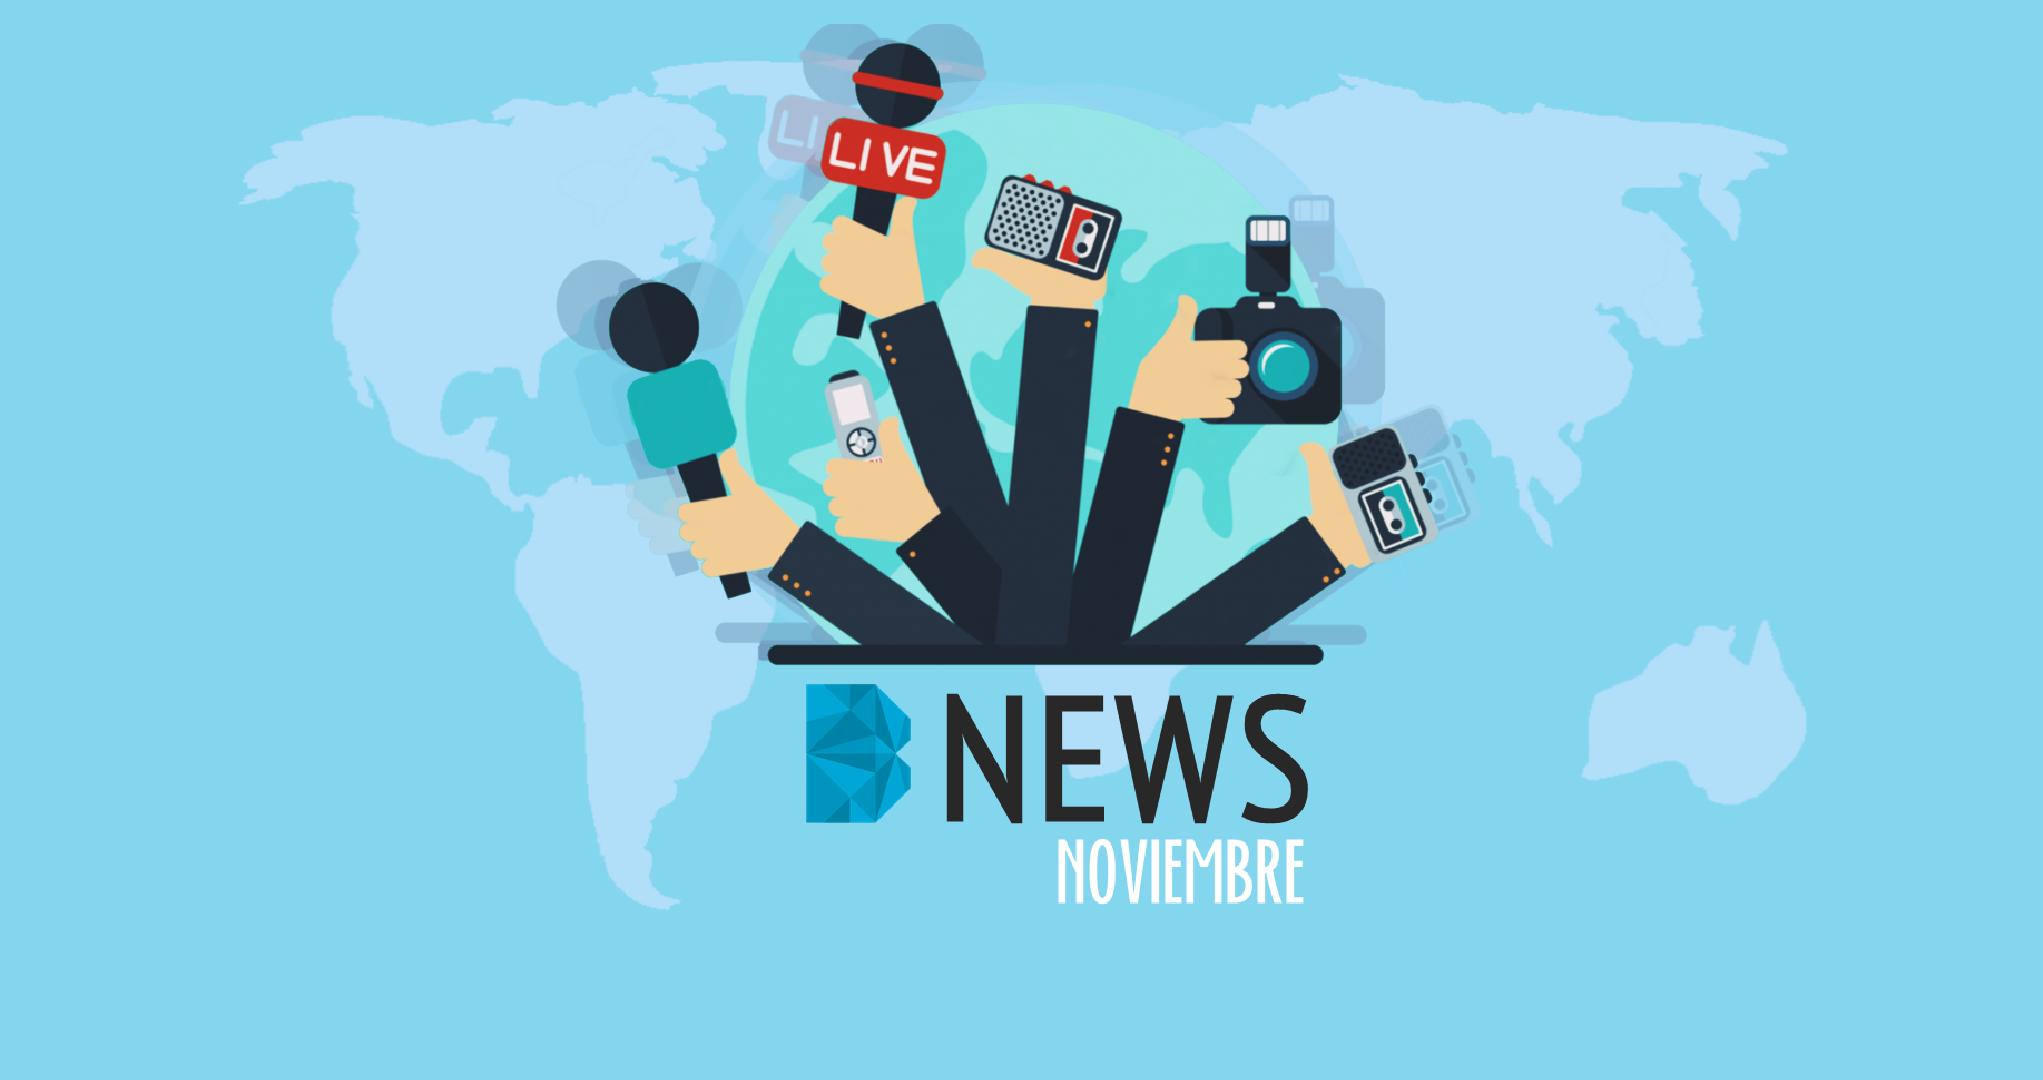 BNEWS Noviembre 2017